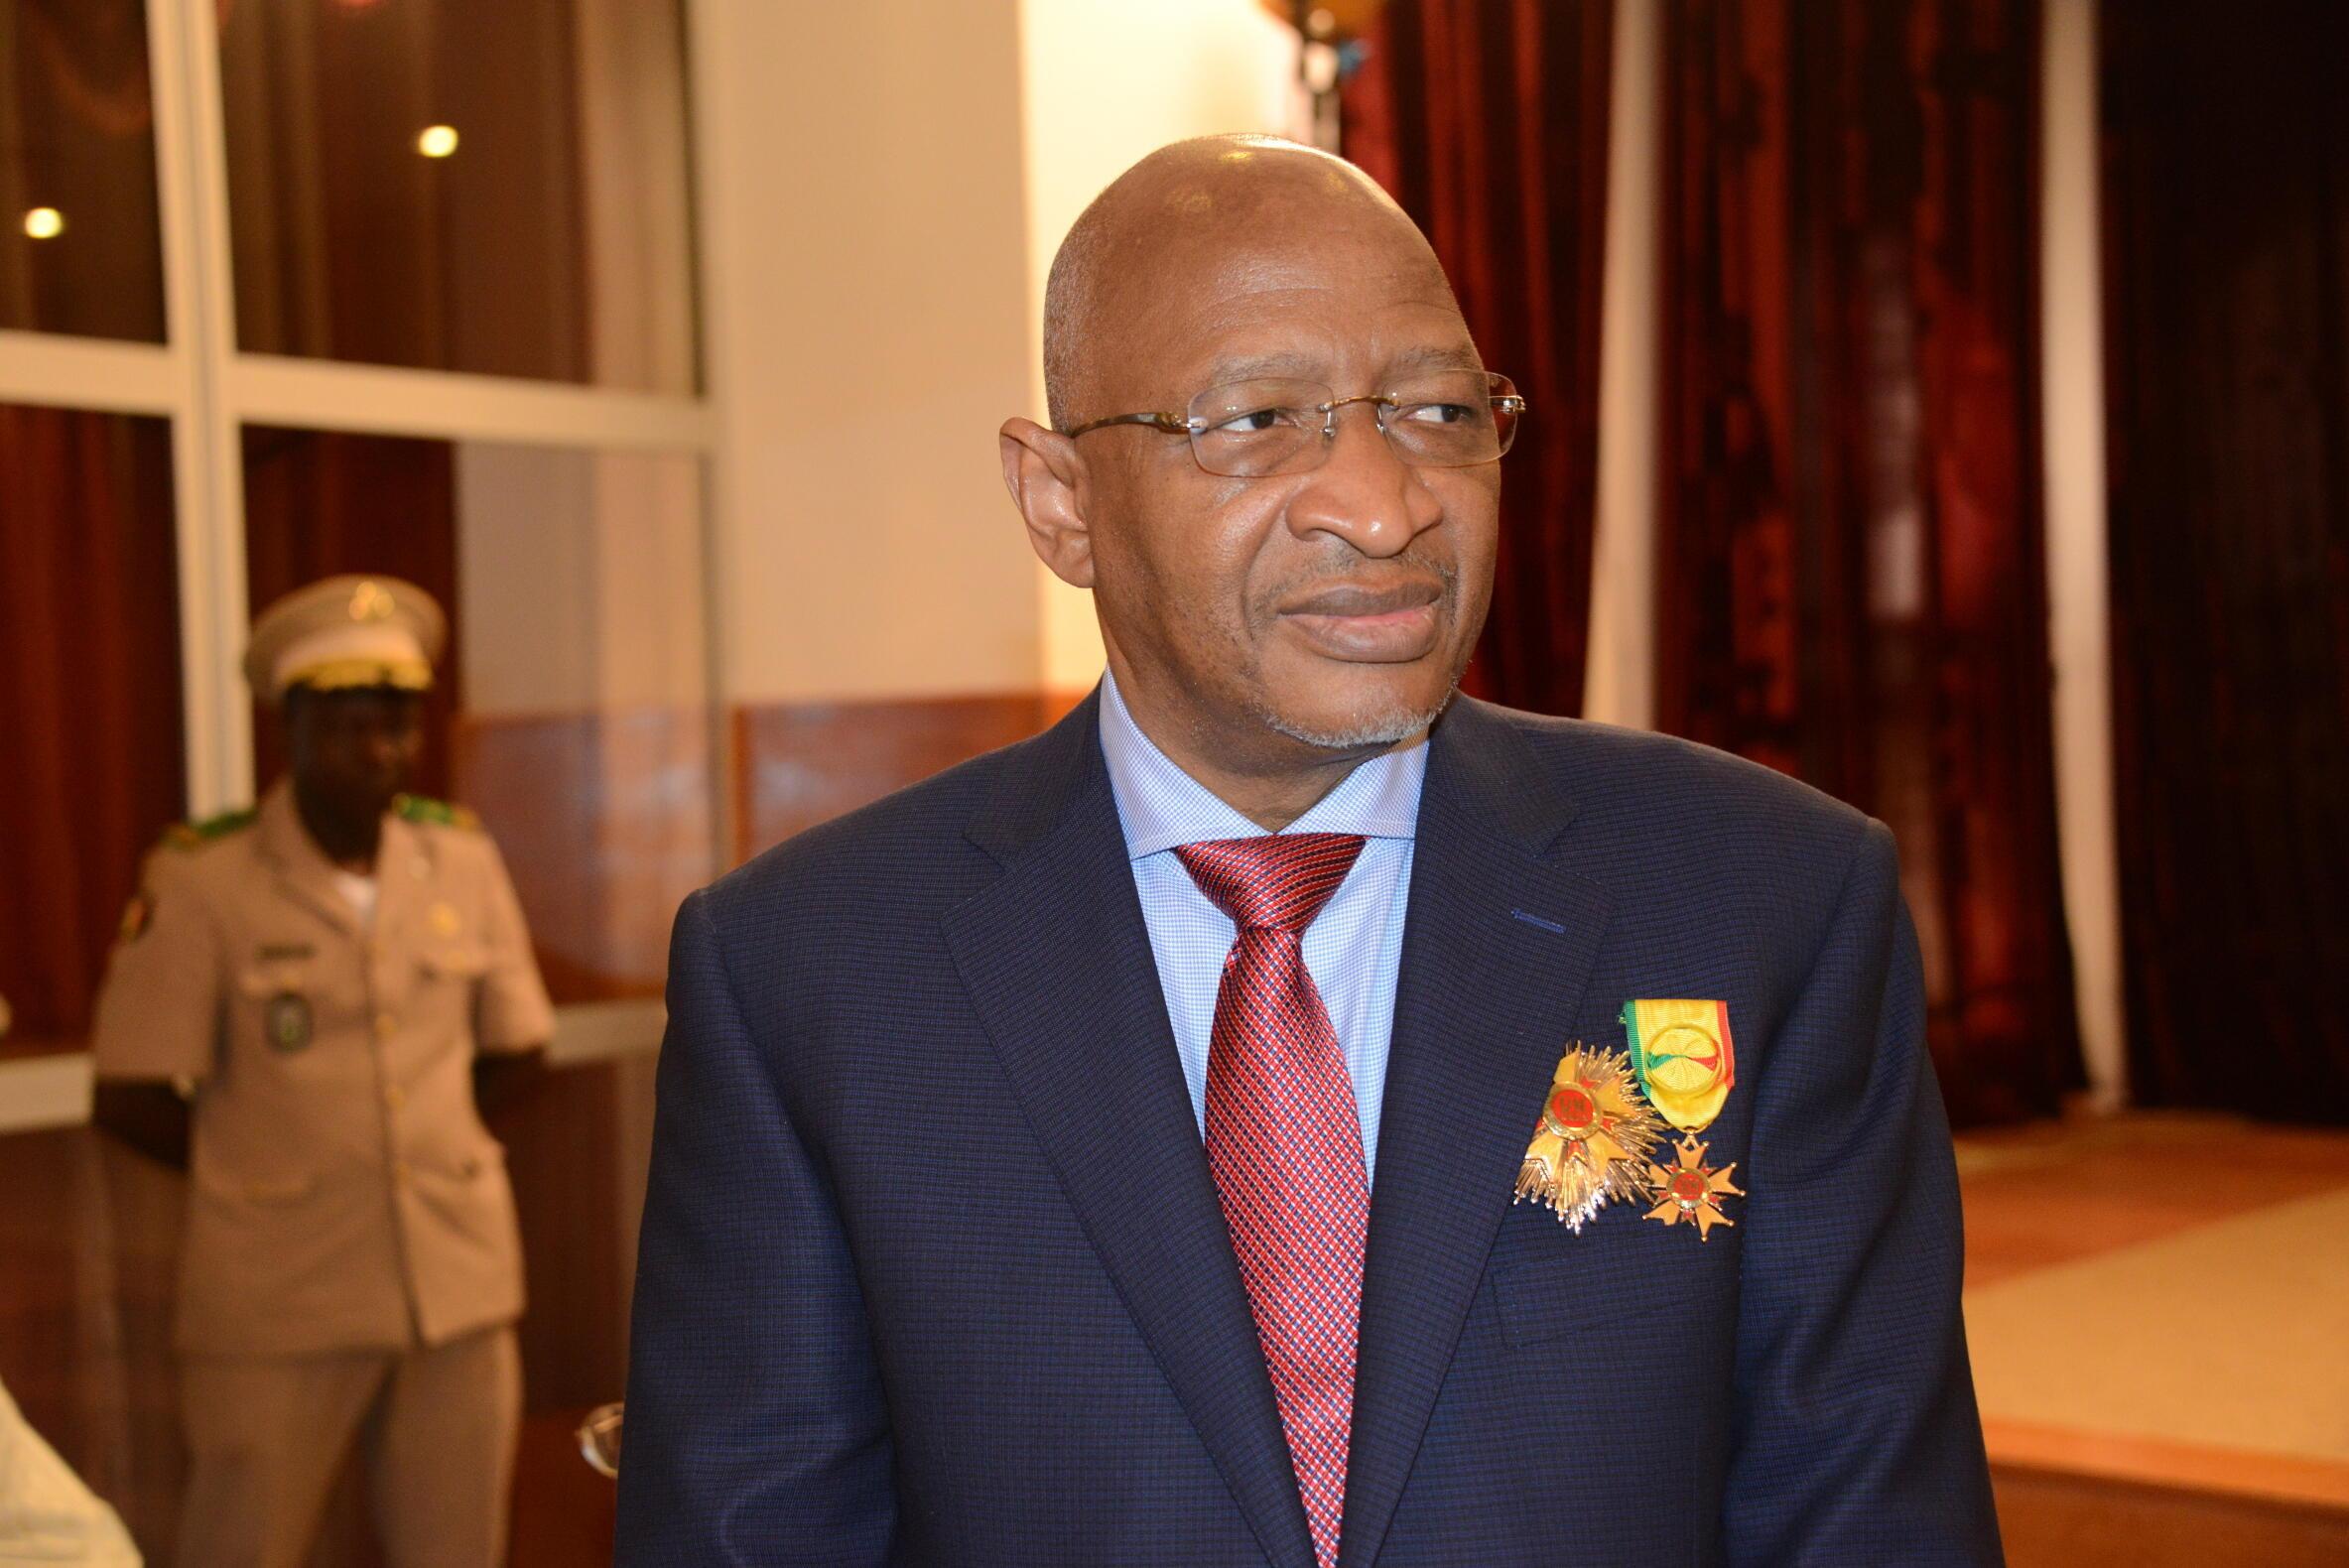 Soumeylou Boubèye Maïga, le nouveau Premier ministre malien, le 29 décembre 2017 lors d'une cérémonie de décoration à Koulouba.